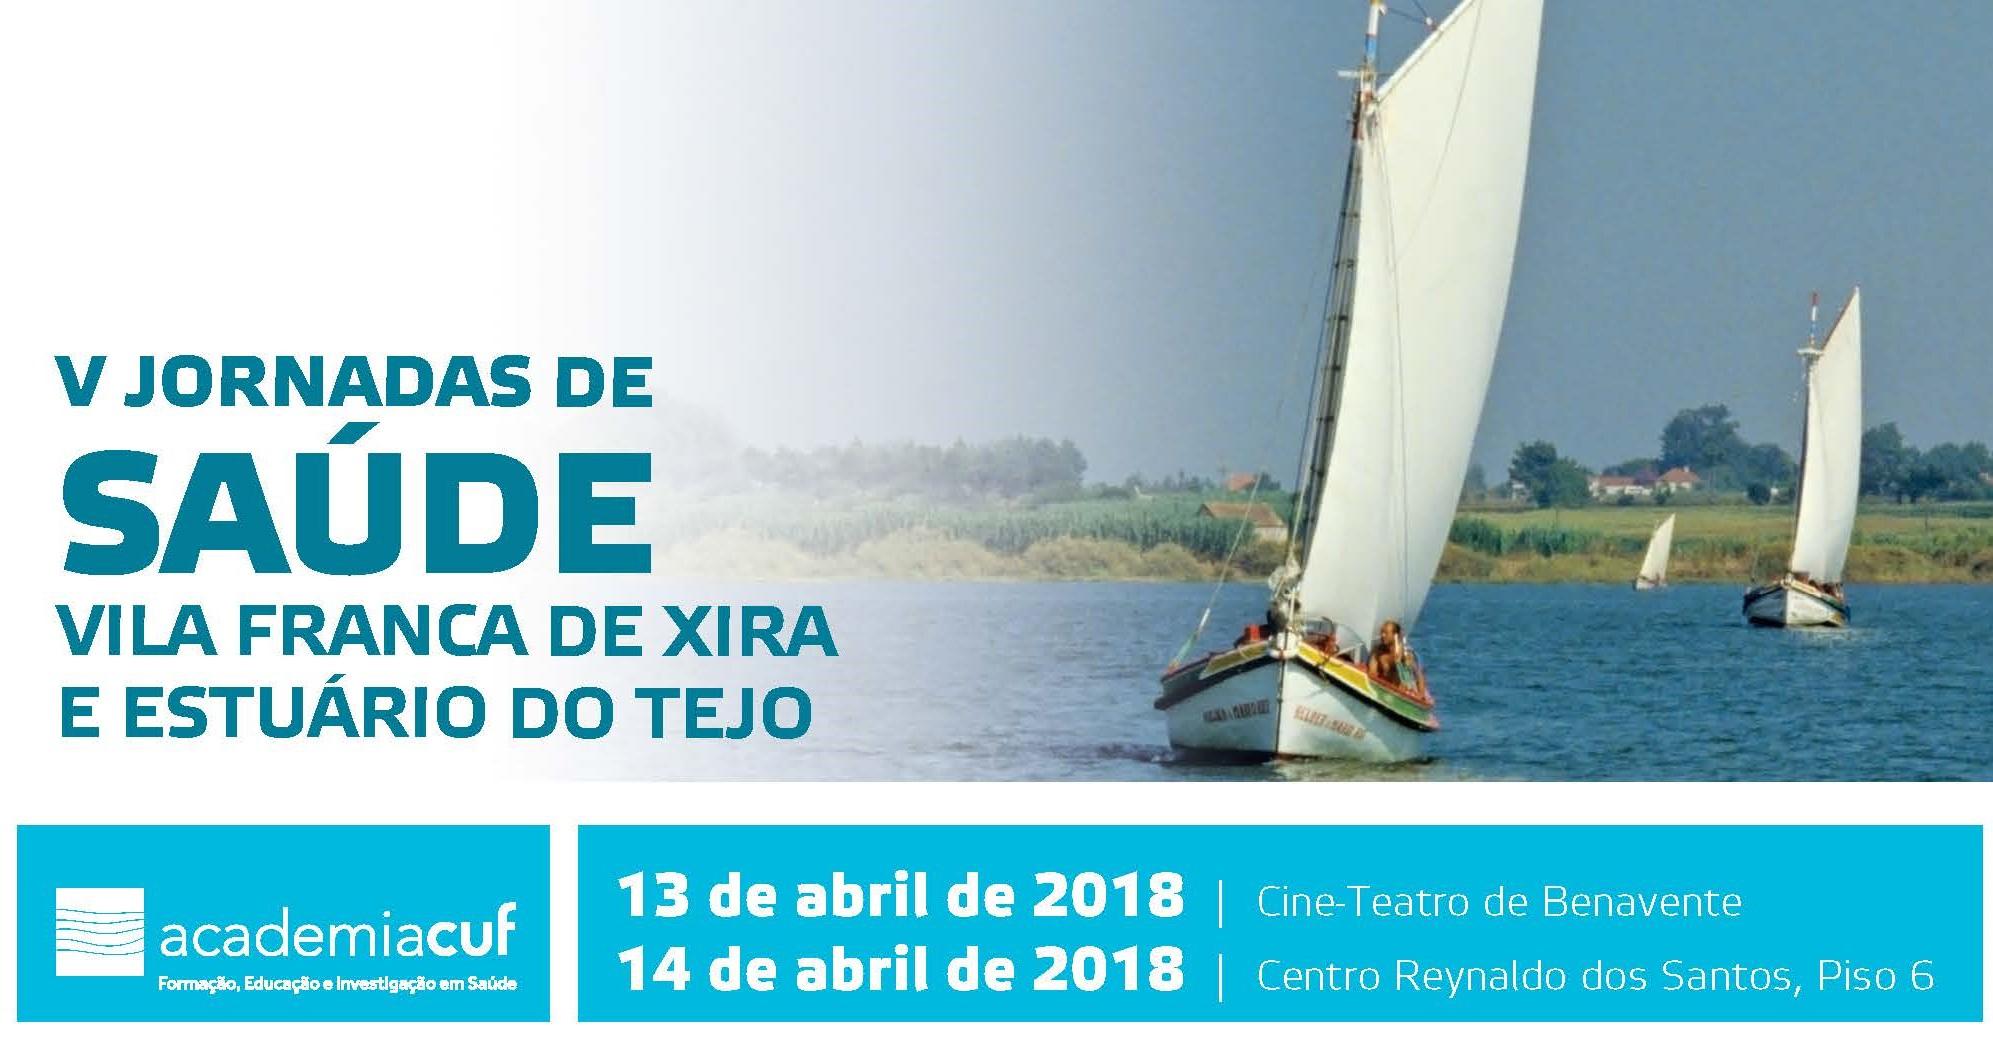 hospital-de-vila-franca-de-xira-V Jornadas de Saúde Hospital Vila Franca de Xira e ACES Estuário do Tejo